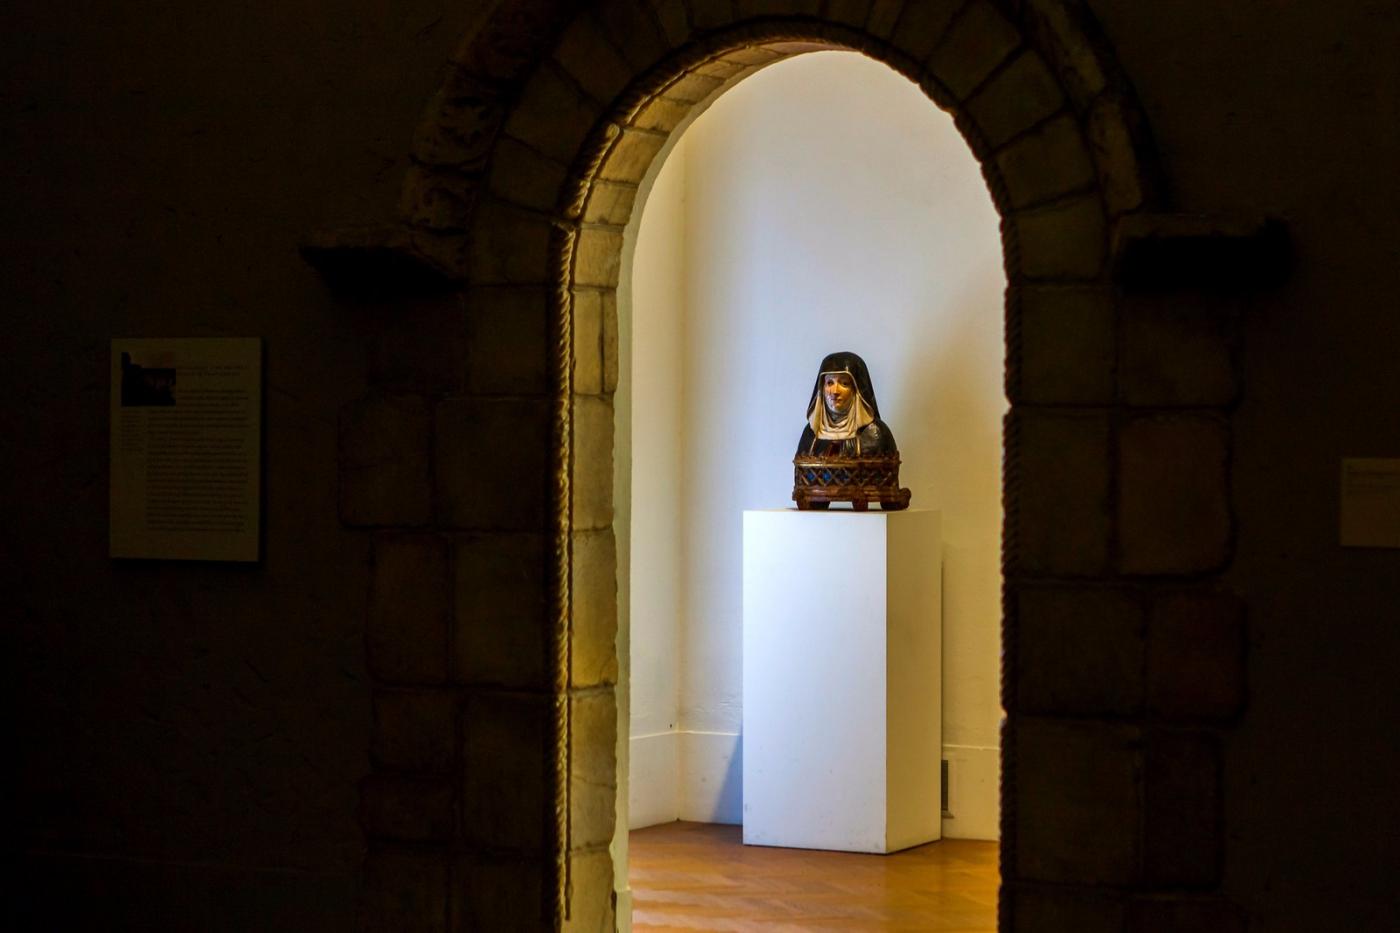 费城艺术馆,光影下的艺术品_图1-10